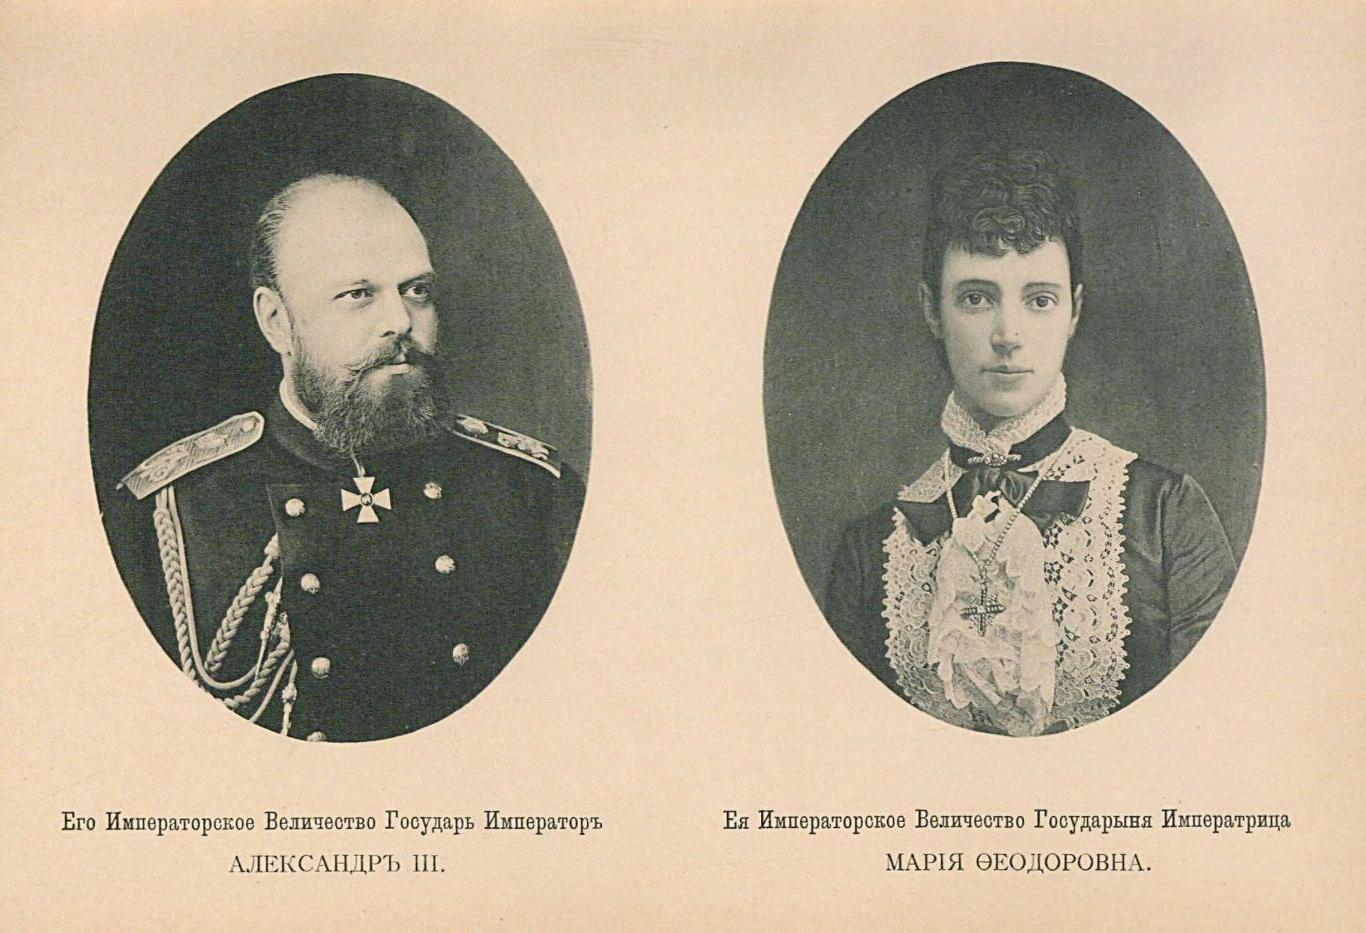 Его Императорское Величество Государь Император Александр III. Её Императорское Величество Государыня Императрица Мария Фёдоровна